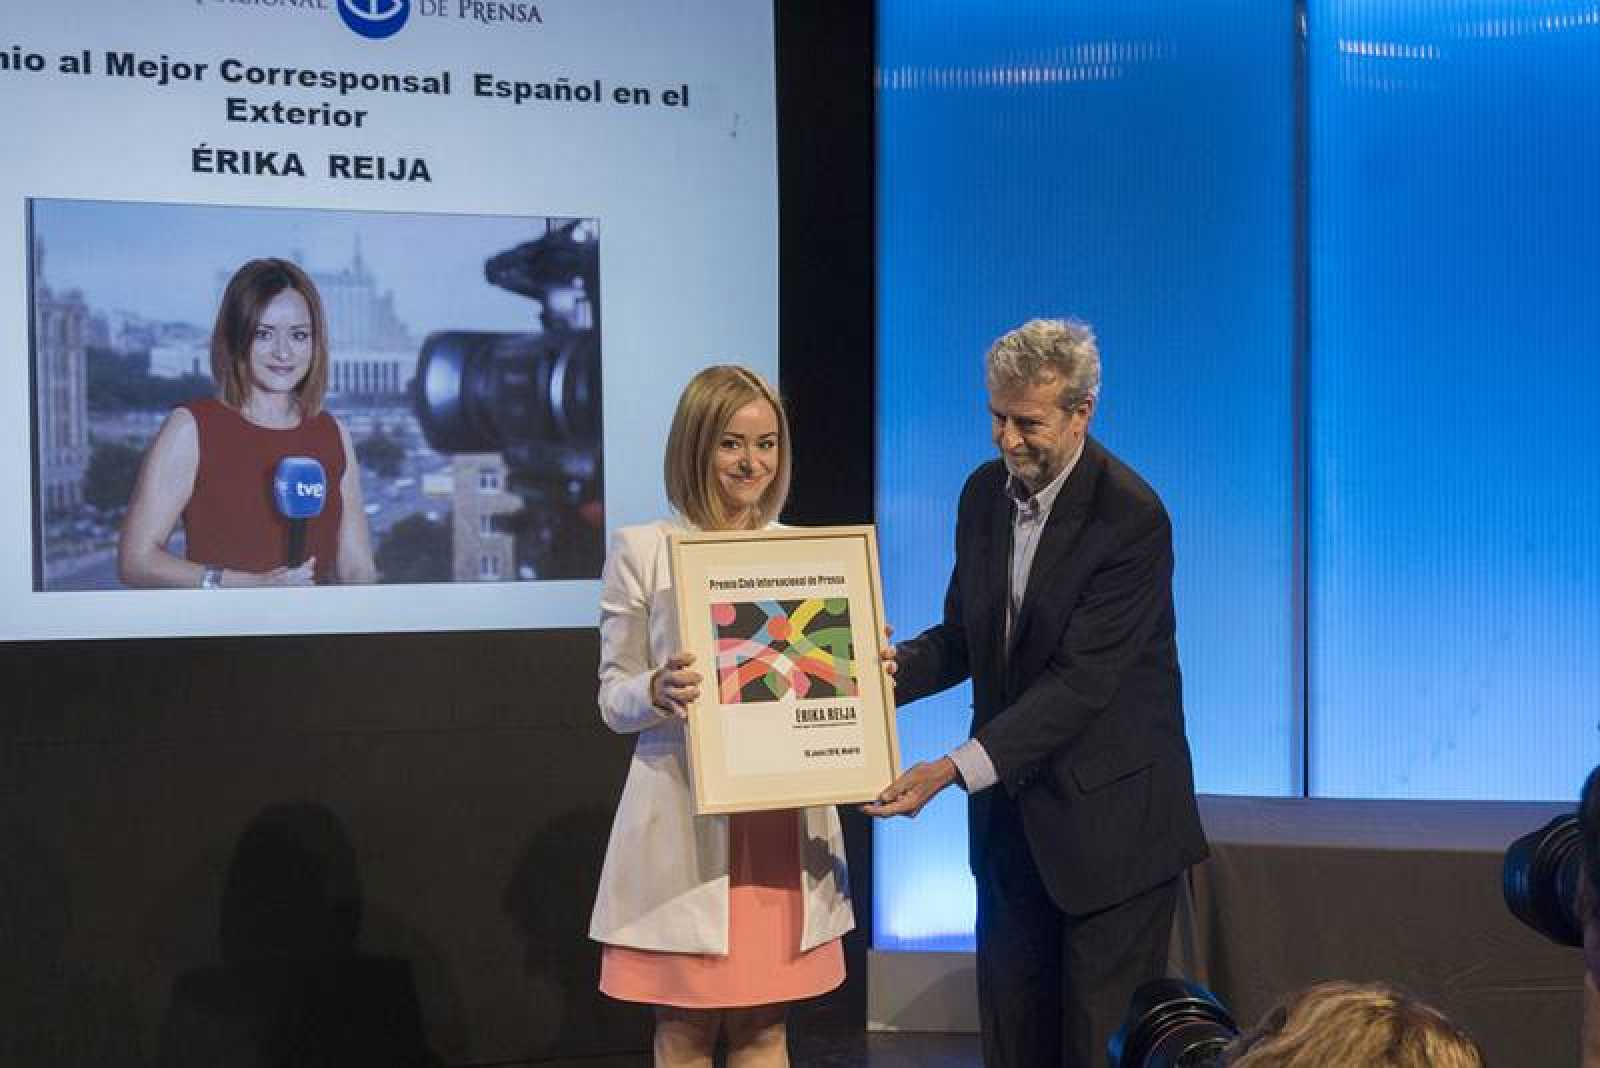 La periodista ha sido reconocida como mejor corresponsal en el extranjero